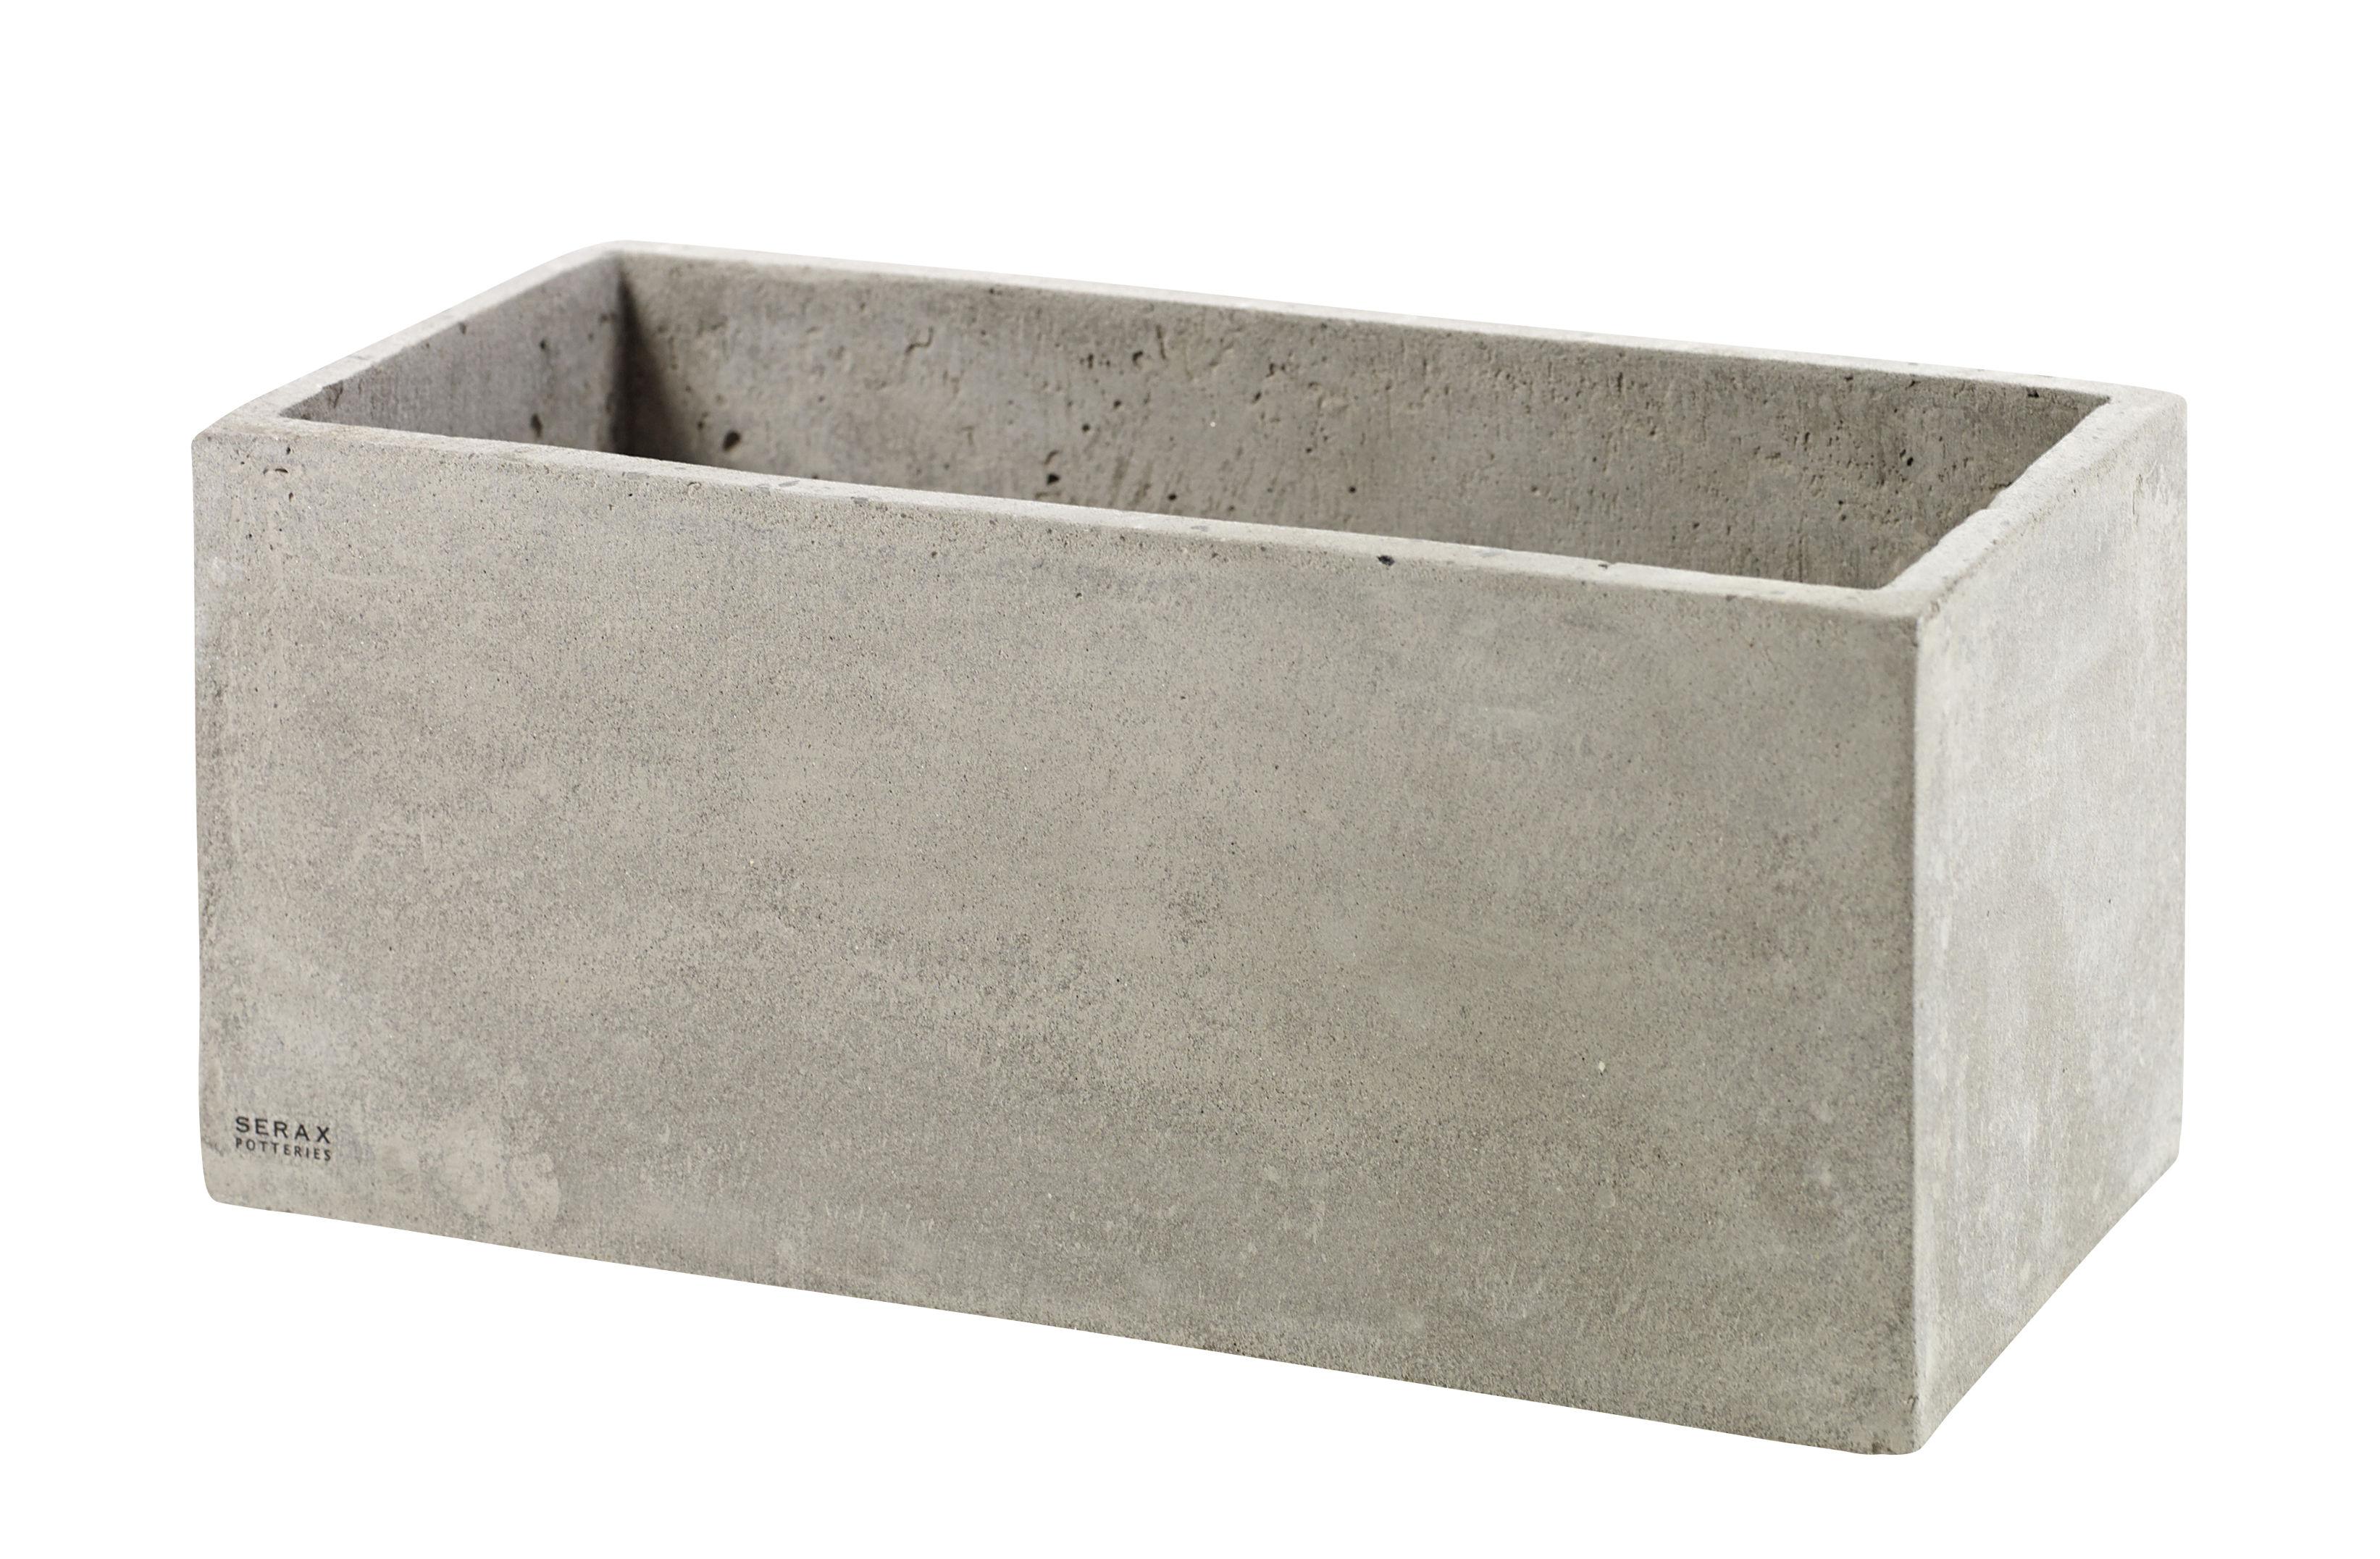 Déco - Pots et plantes - Pot de fleurs Concrete Box Rectangulaire / 29 x 14,5 cm / Pour console Herb - Serax - Rectangulaire / Ciment gris - Ciment